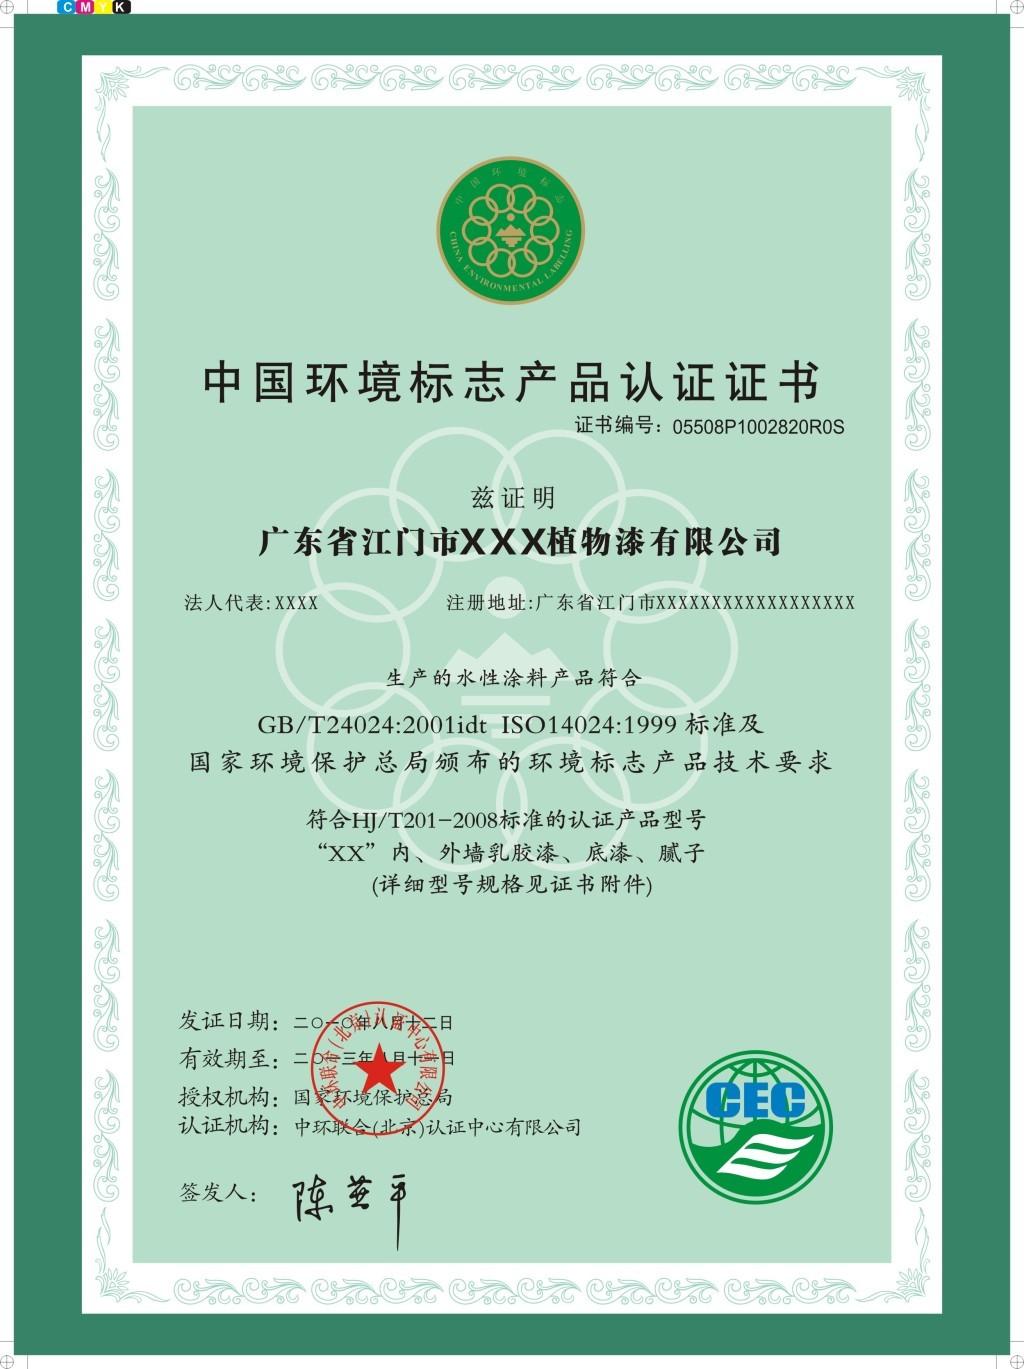 产品认证证书模板下载